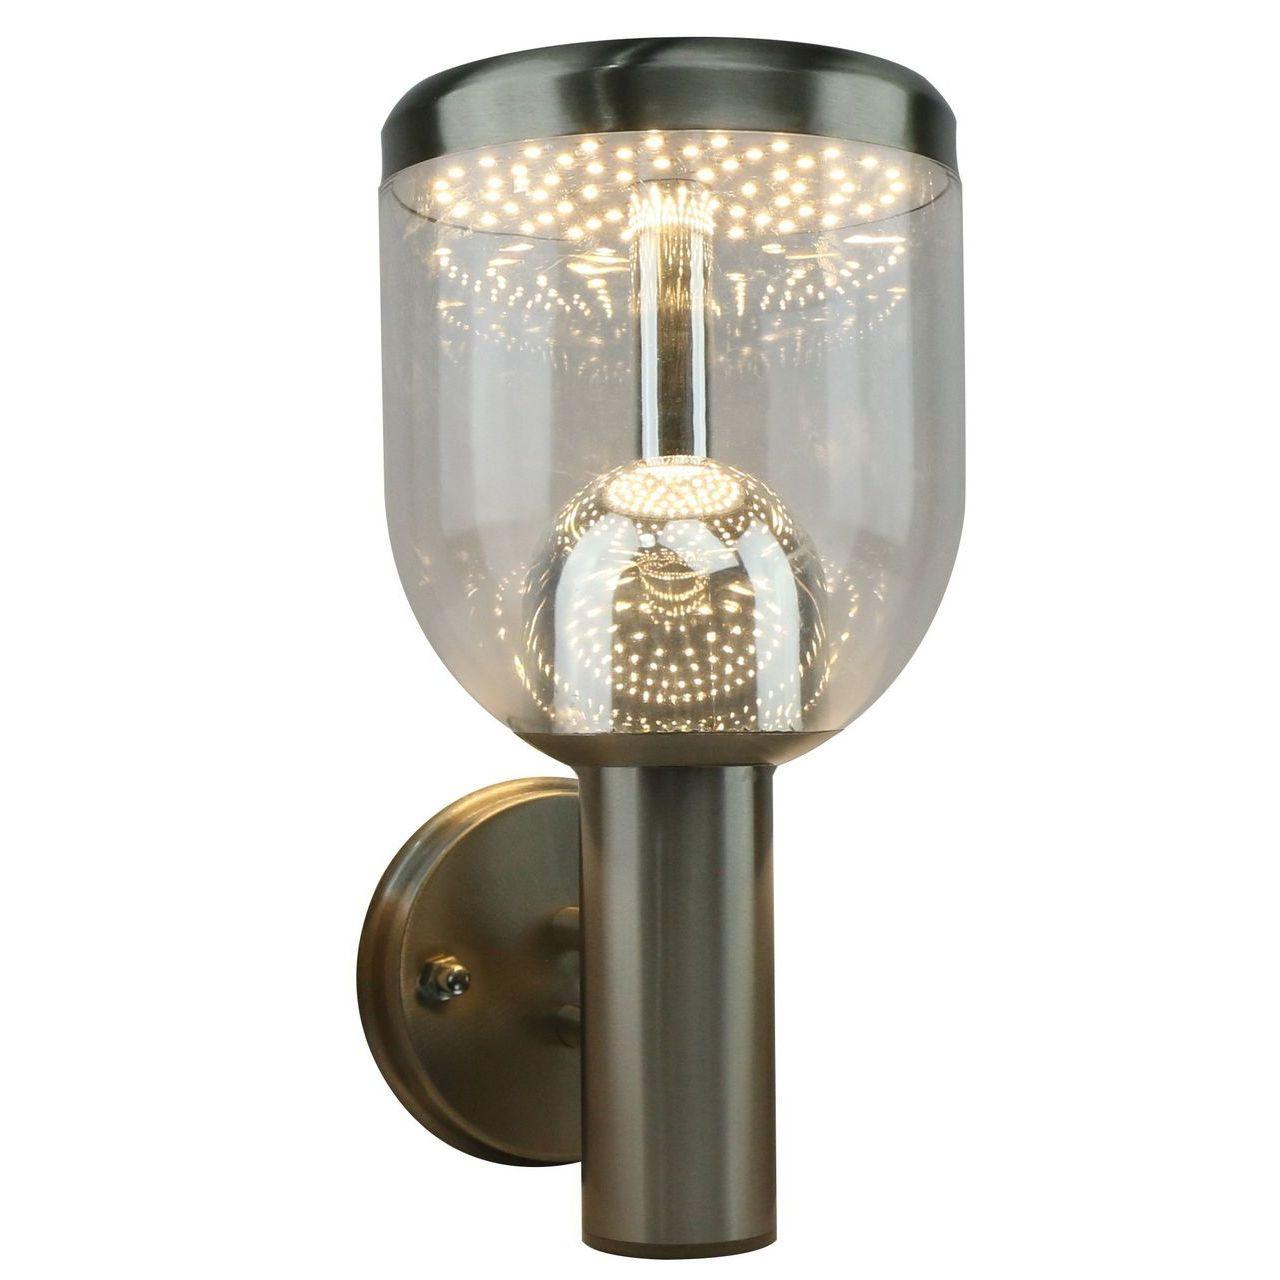 Фото - Уличный настенный светодиодный светильник Arte Lamp Inchino A8163AL-1SS arte lamp уличный настенный светильник intrigo a8161al 1ss